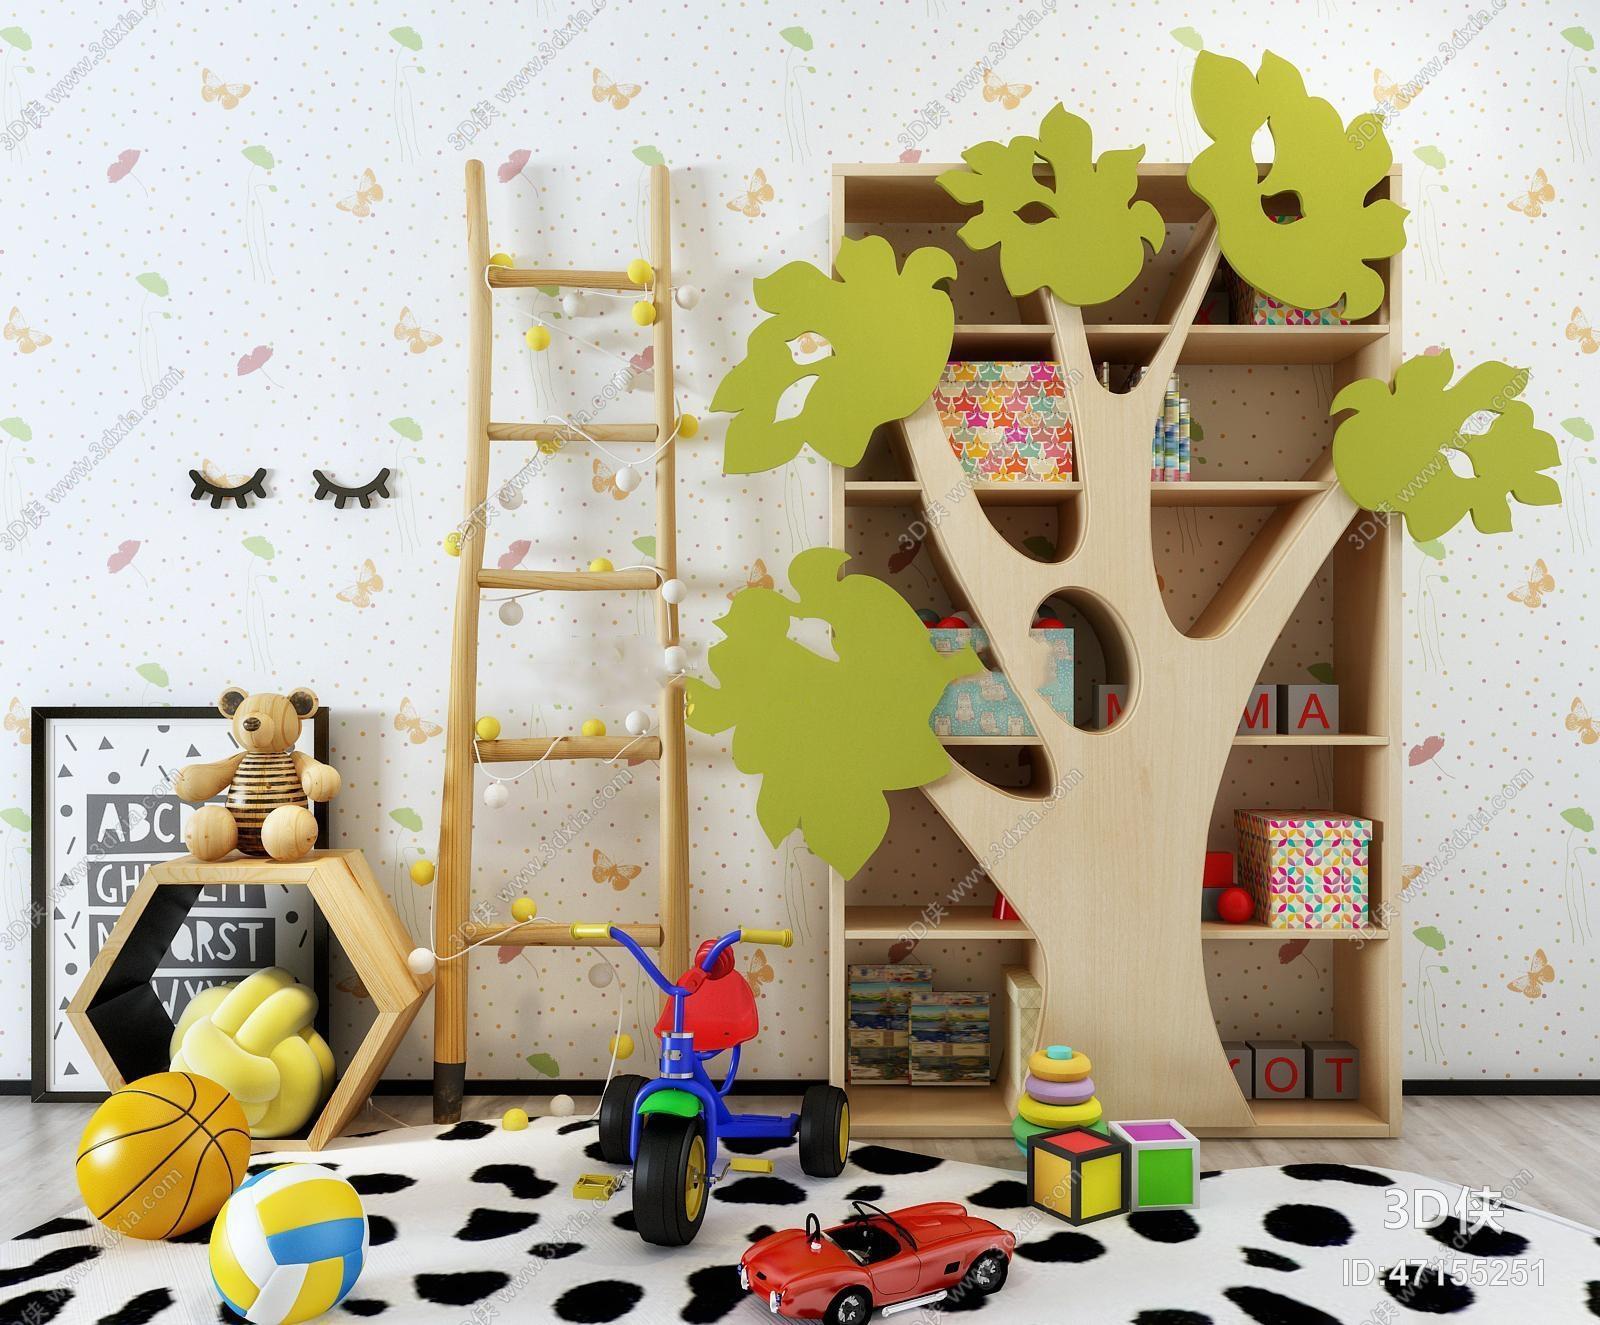 男孩儿童房效果图素材免费下载,本作品主题是现代树造型儿童书柜玩具